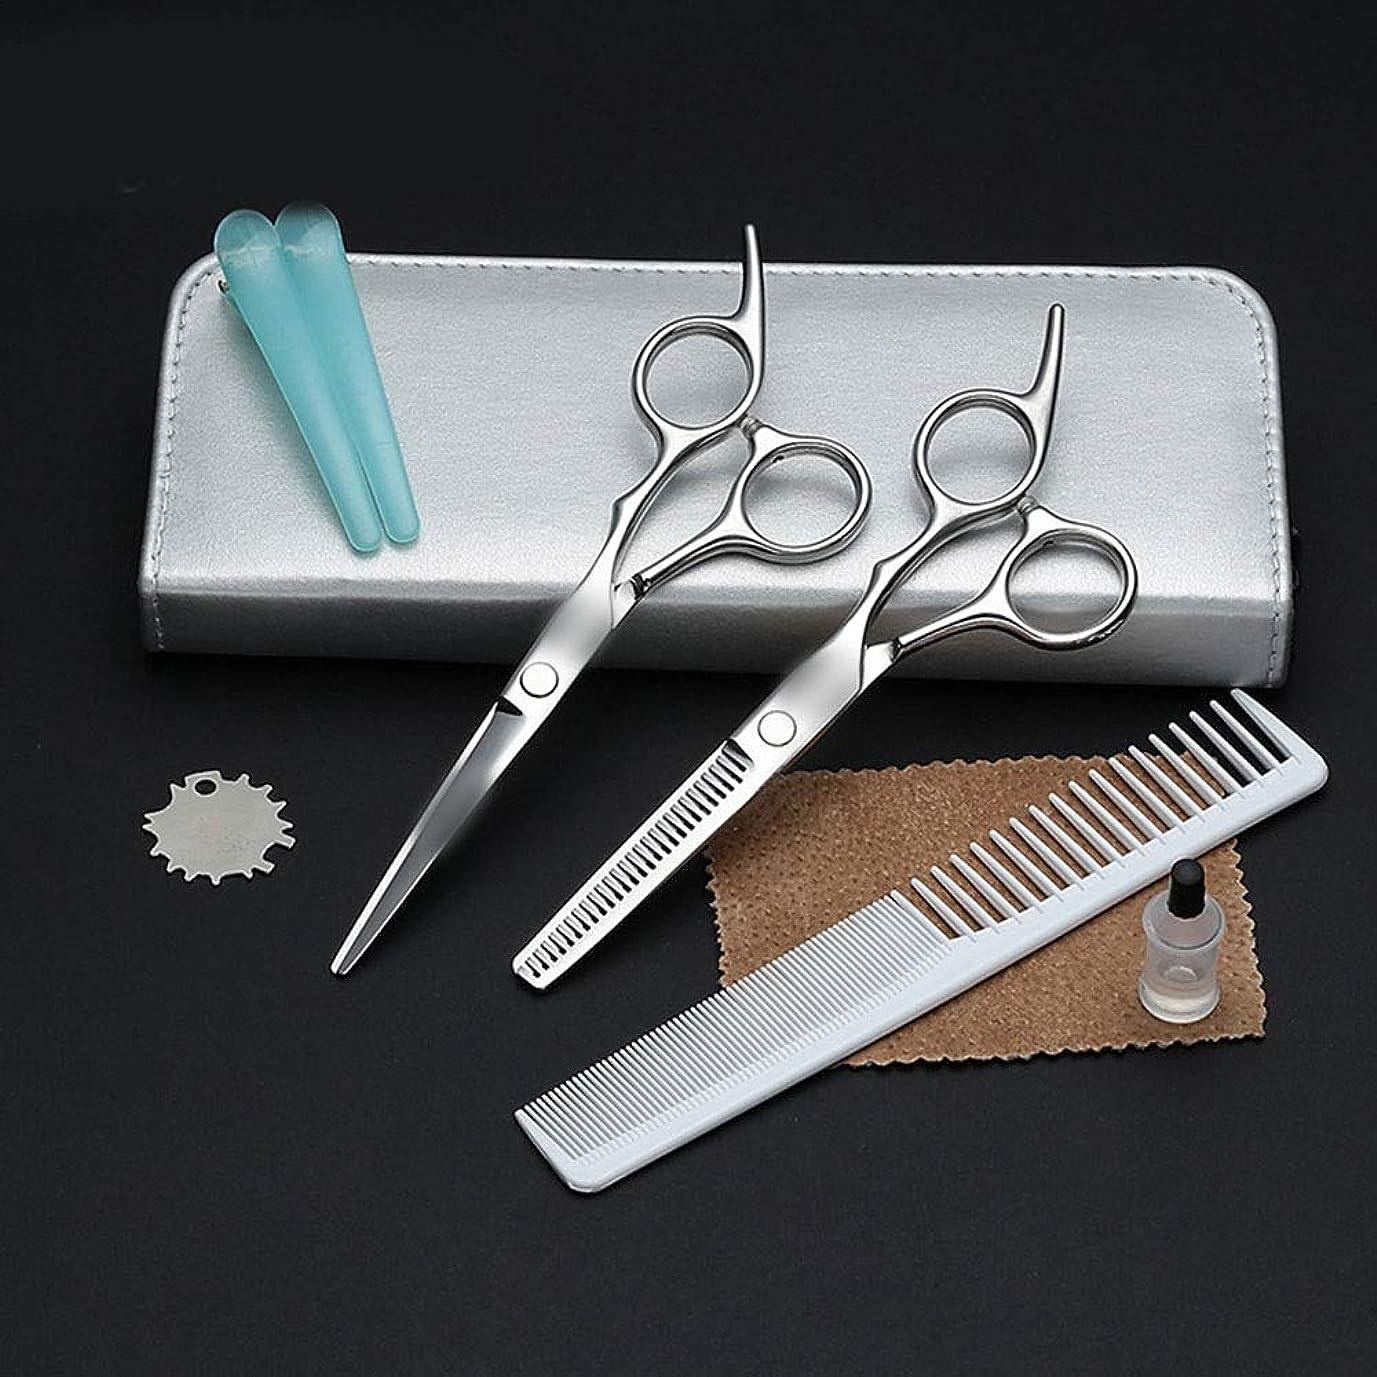 残り極貧冷ややかな理髪はさみセット、家族の大人の子供のフラット+歯シザーヘアツールセット モデリングツール (色 : Silver)